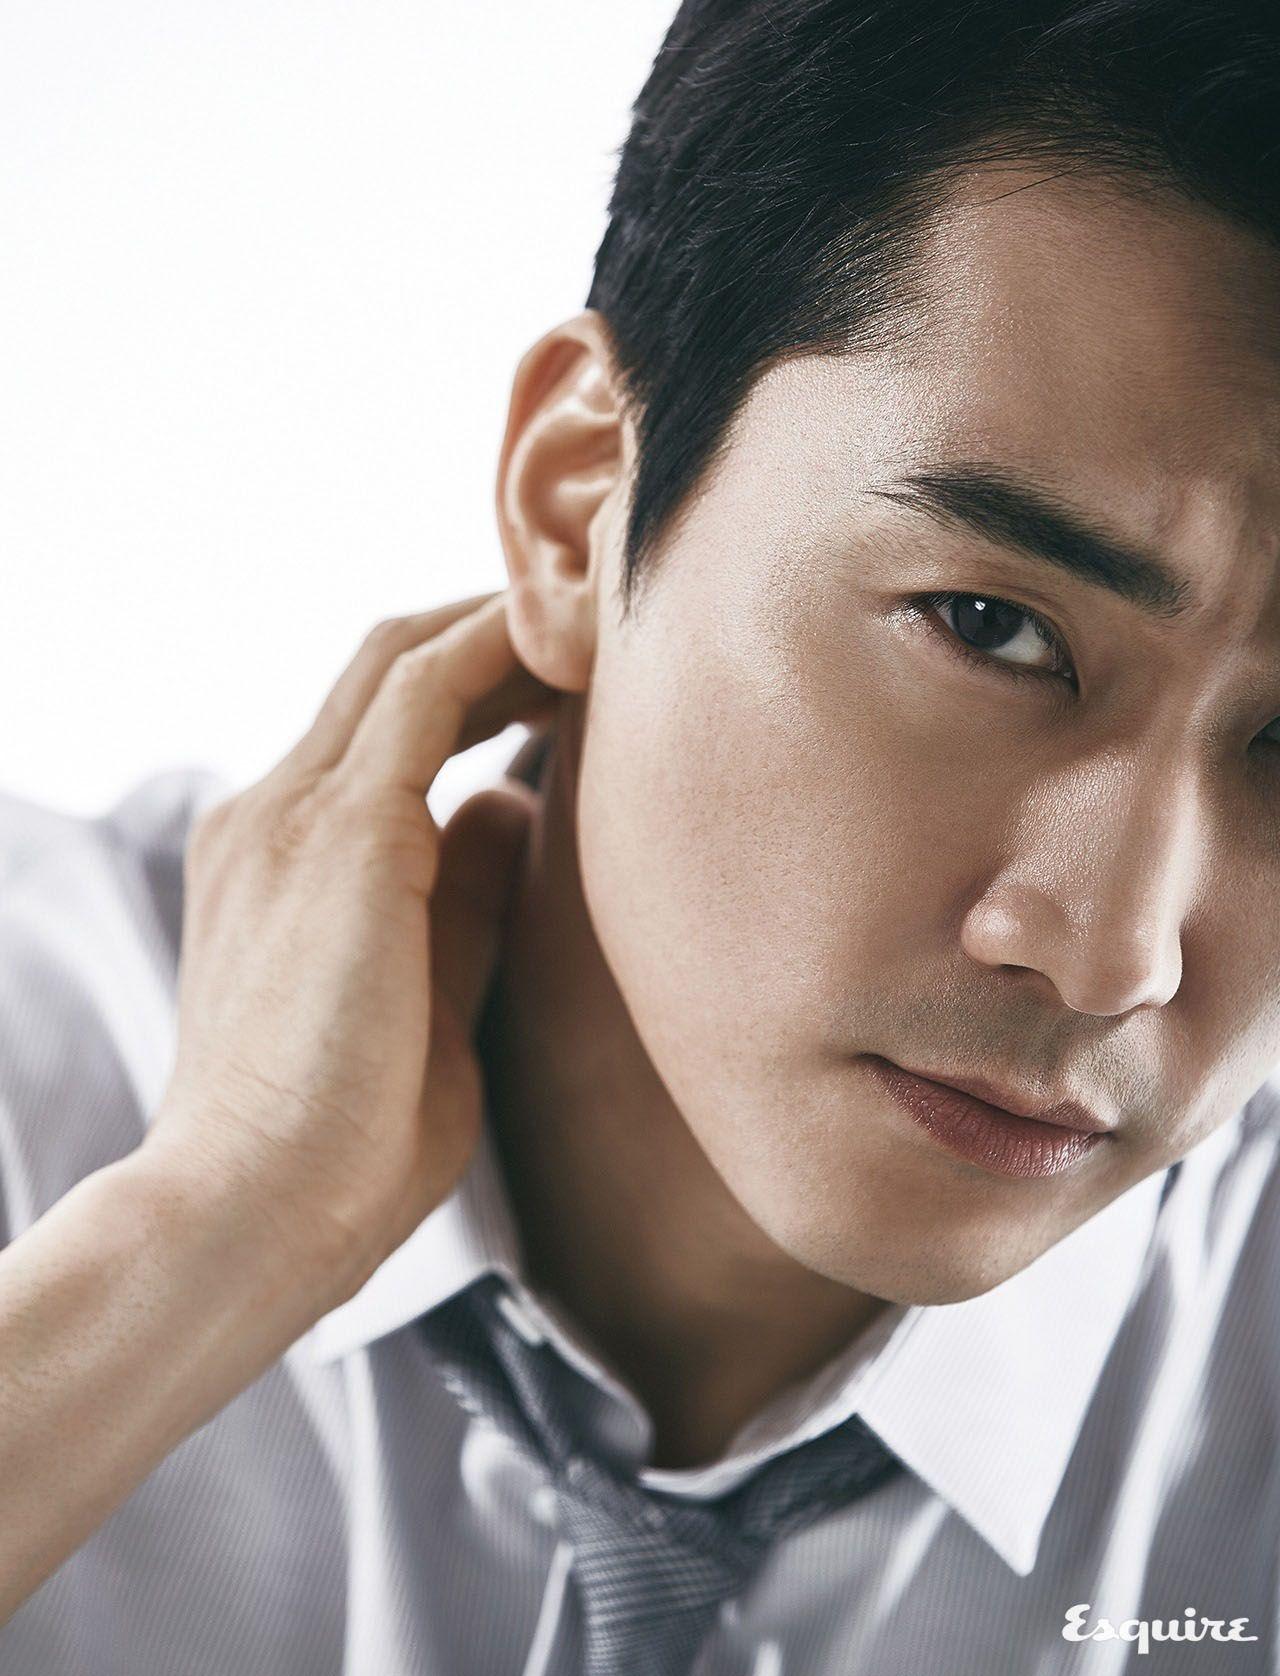 So Seung Heon